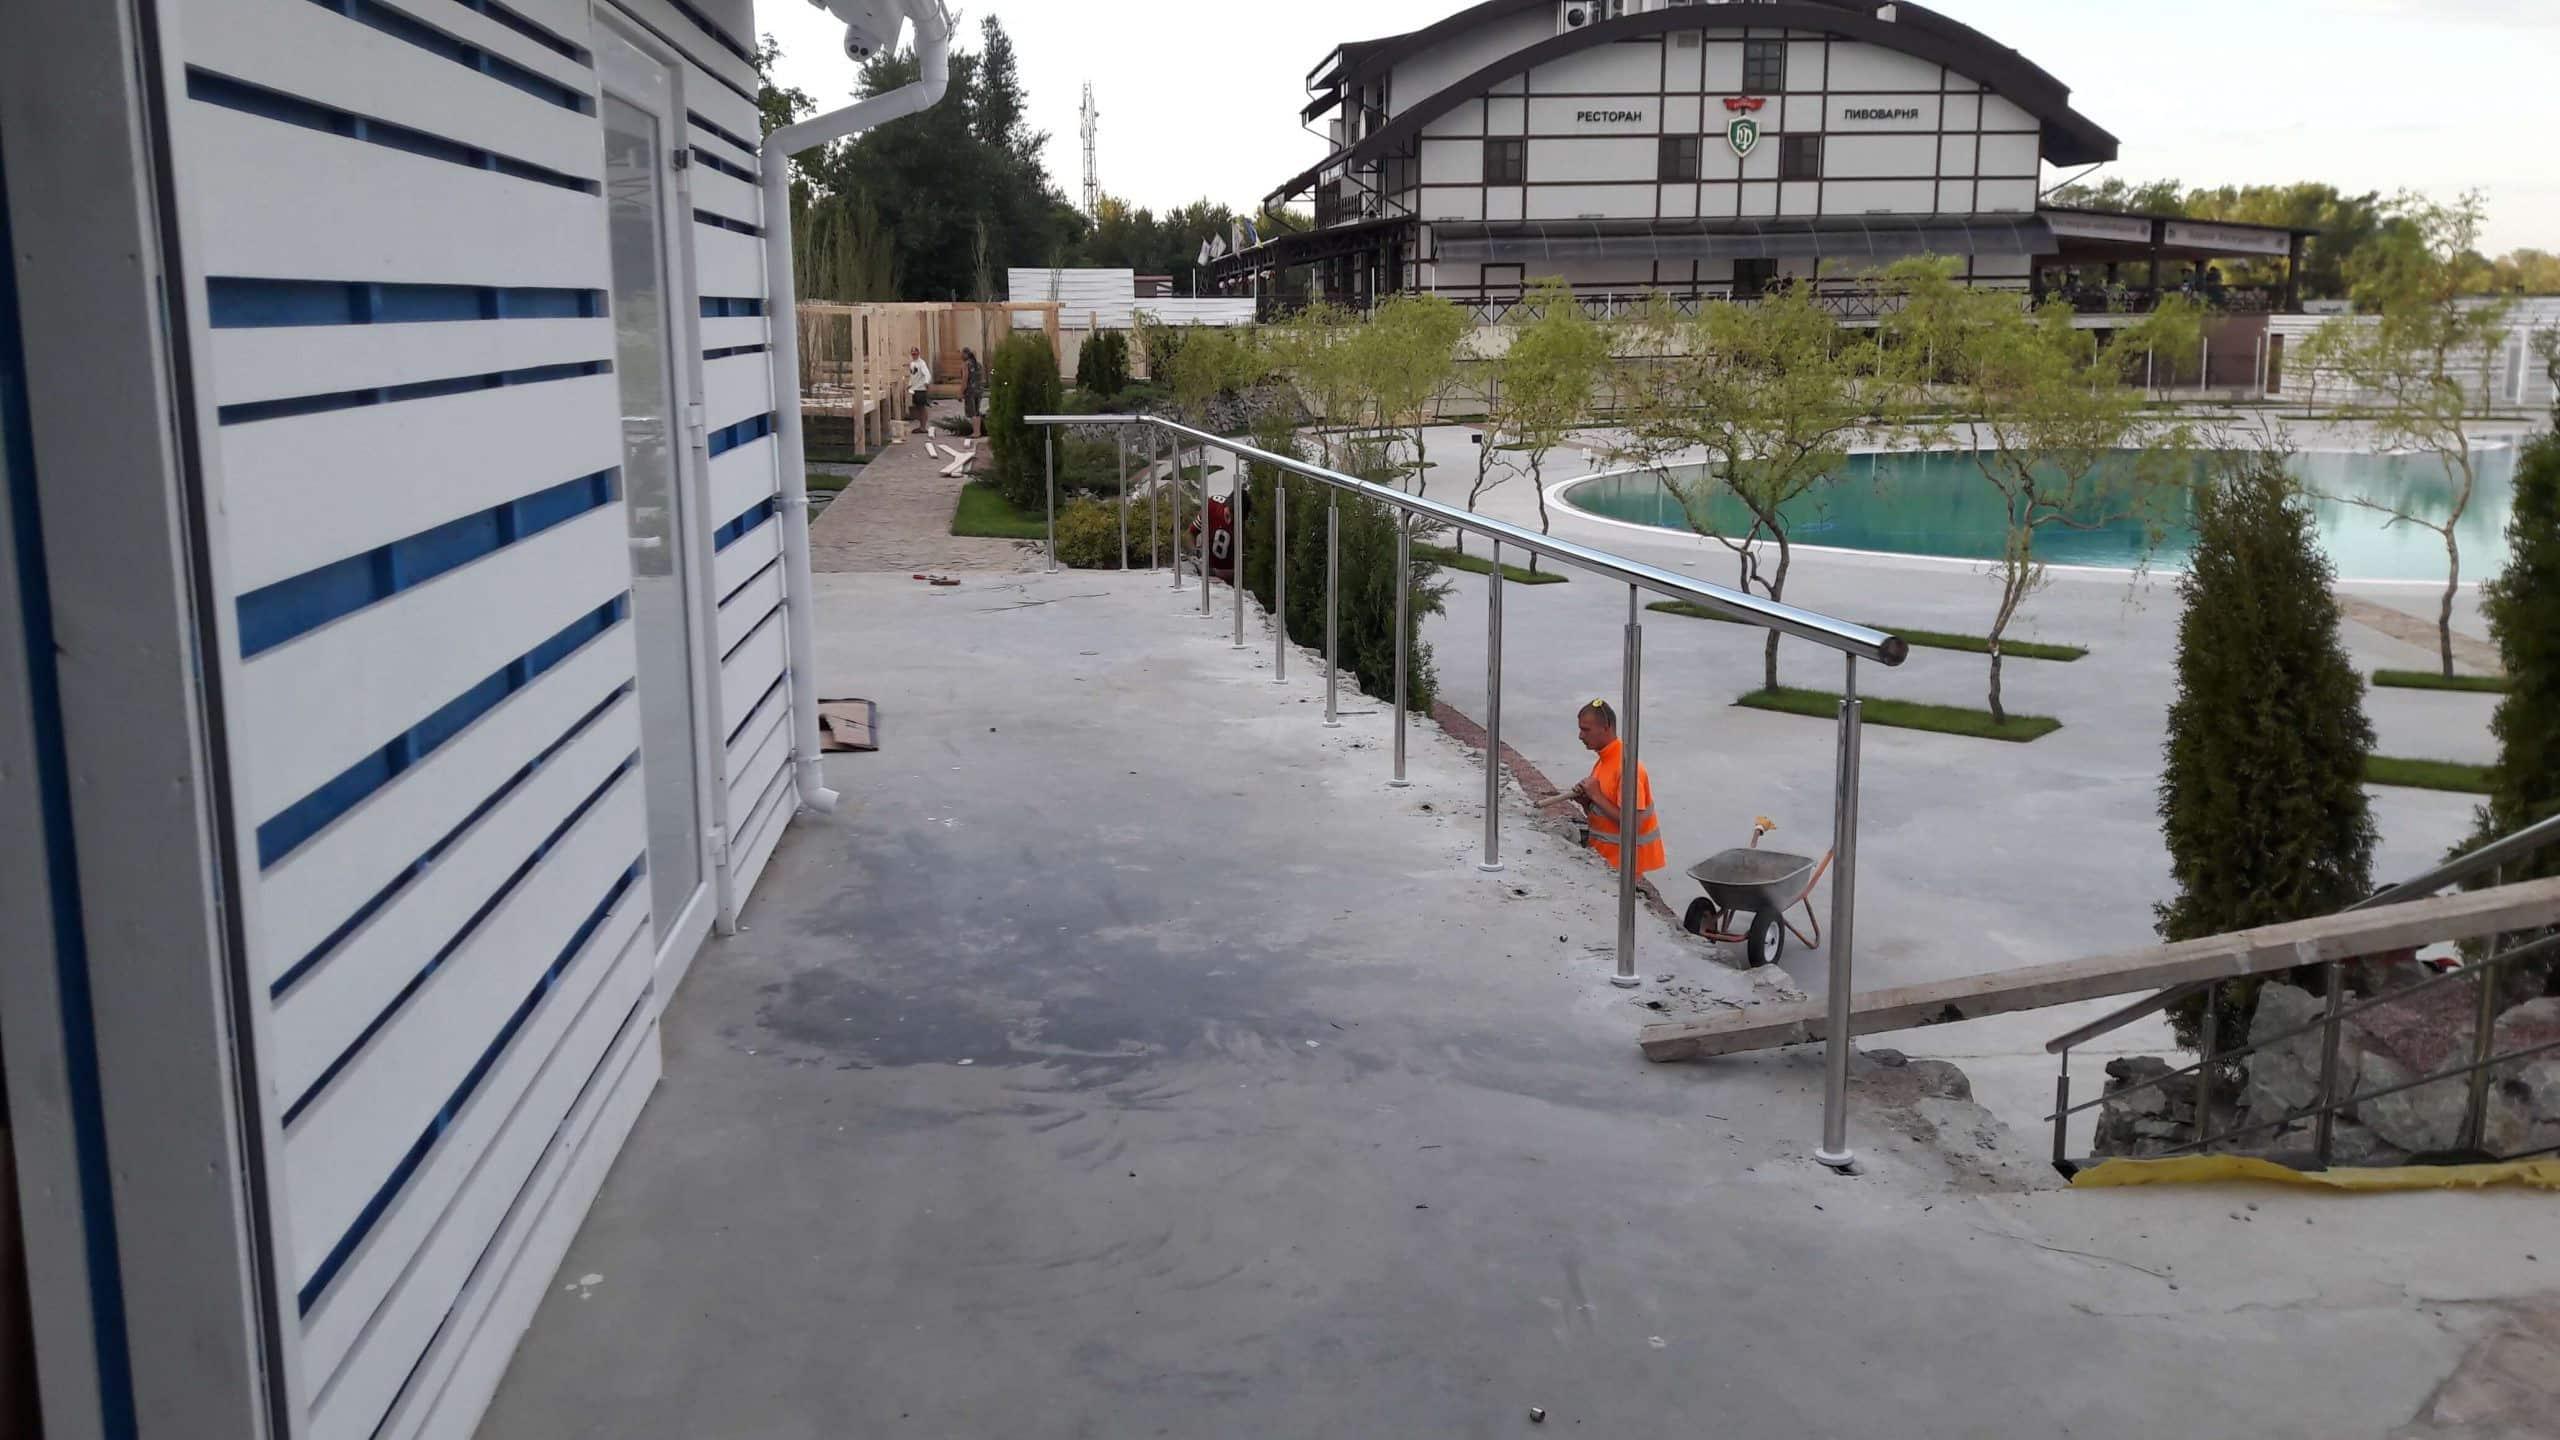 Монтаж ограждения из нержавеющей стали террасы в Аквапарке, Днепр